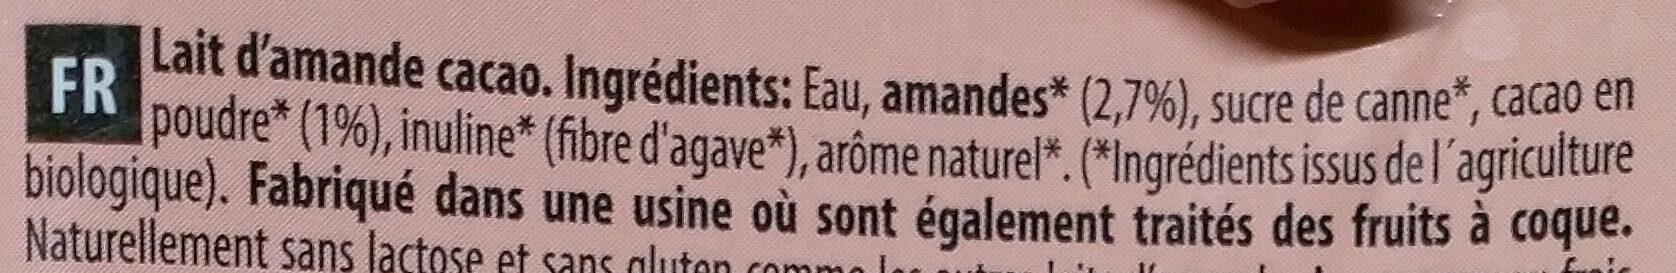 Lait de Amande - Ingrédients - fr